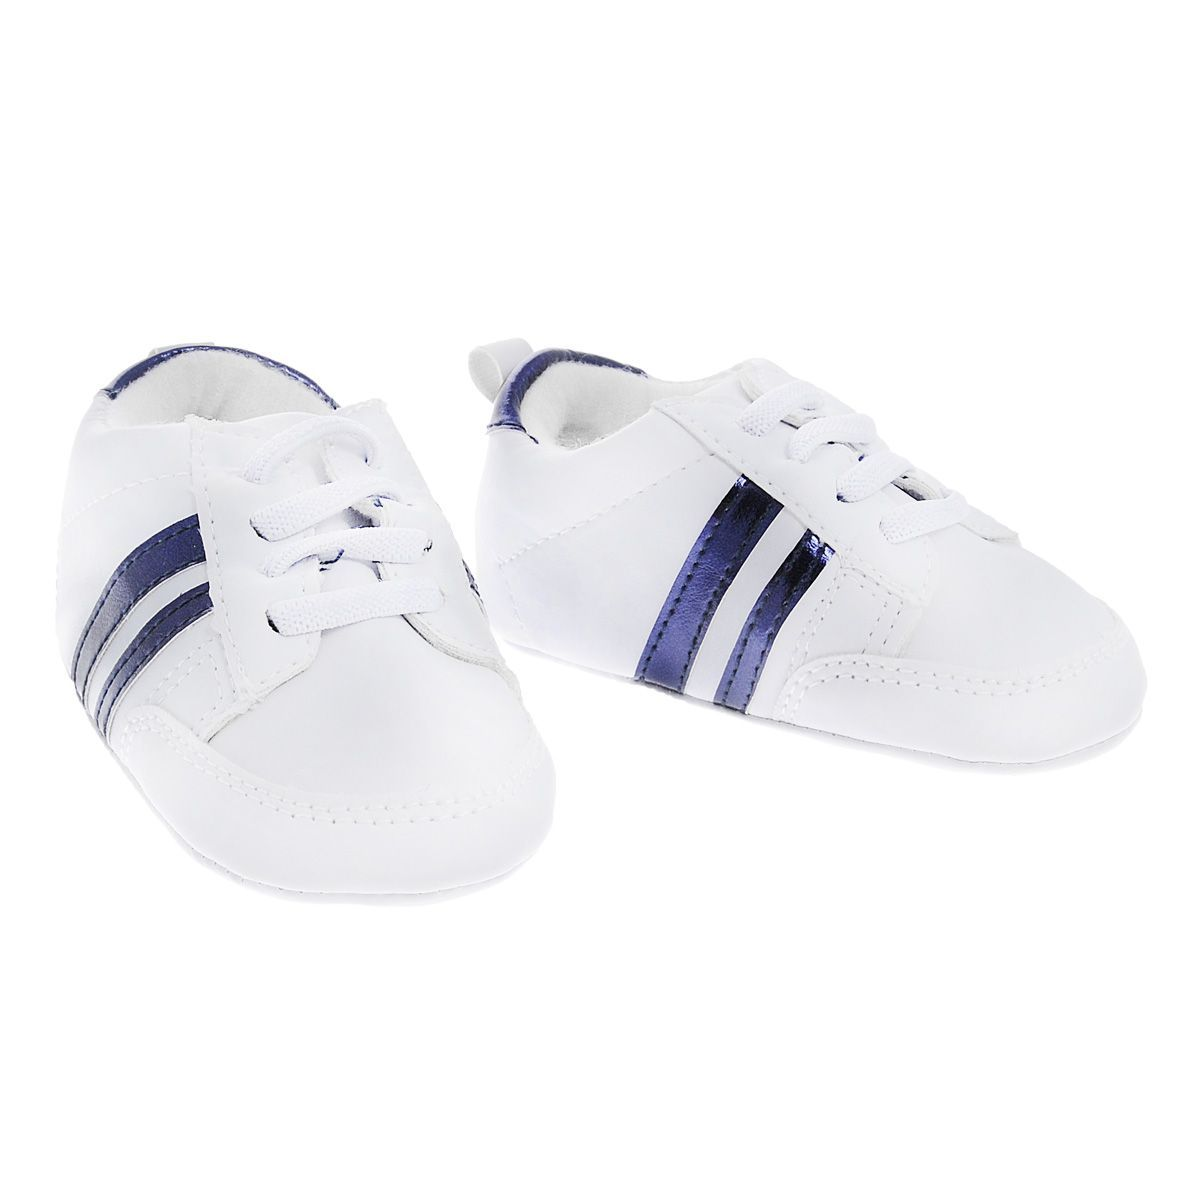 Пинетки кроссовки с полосками синие Luvable Friends 11176